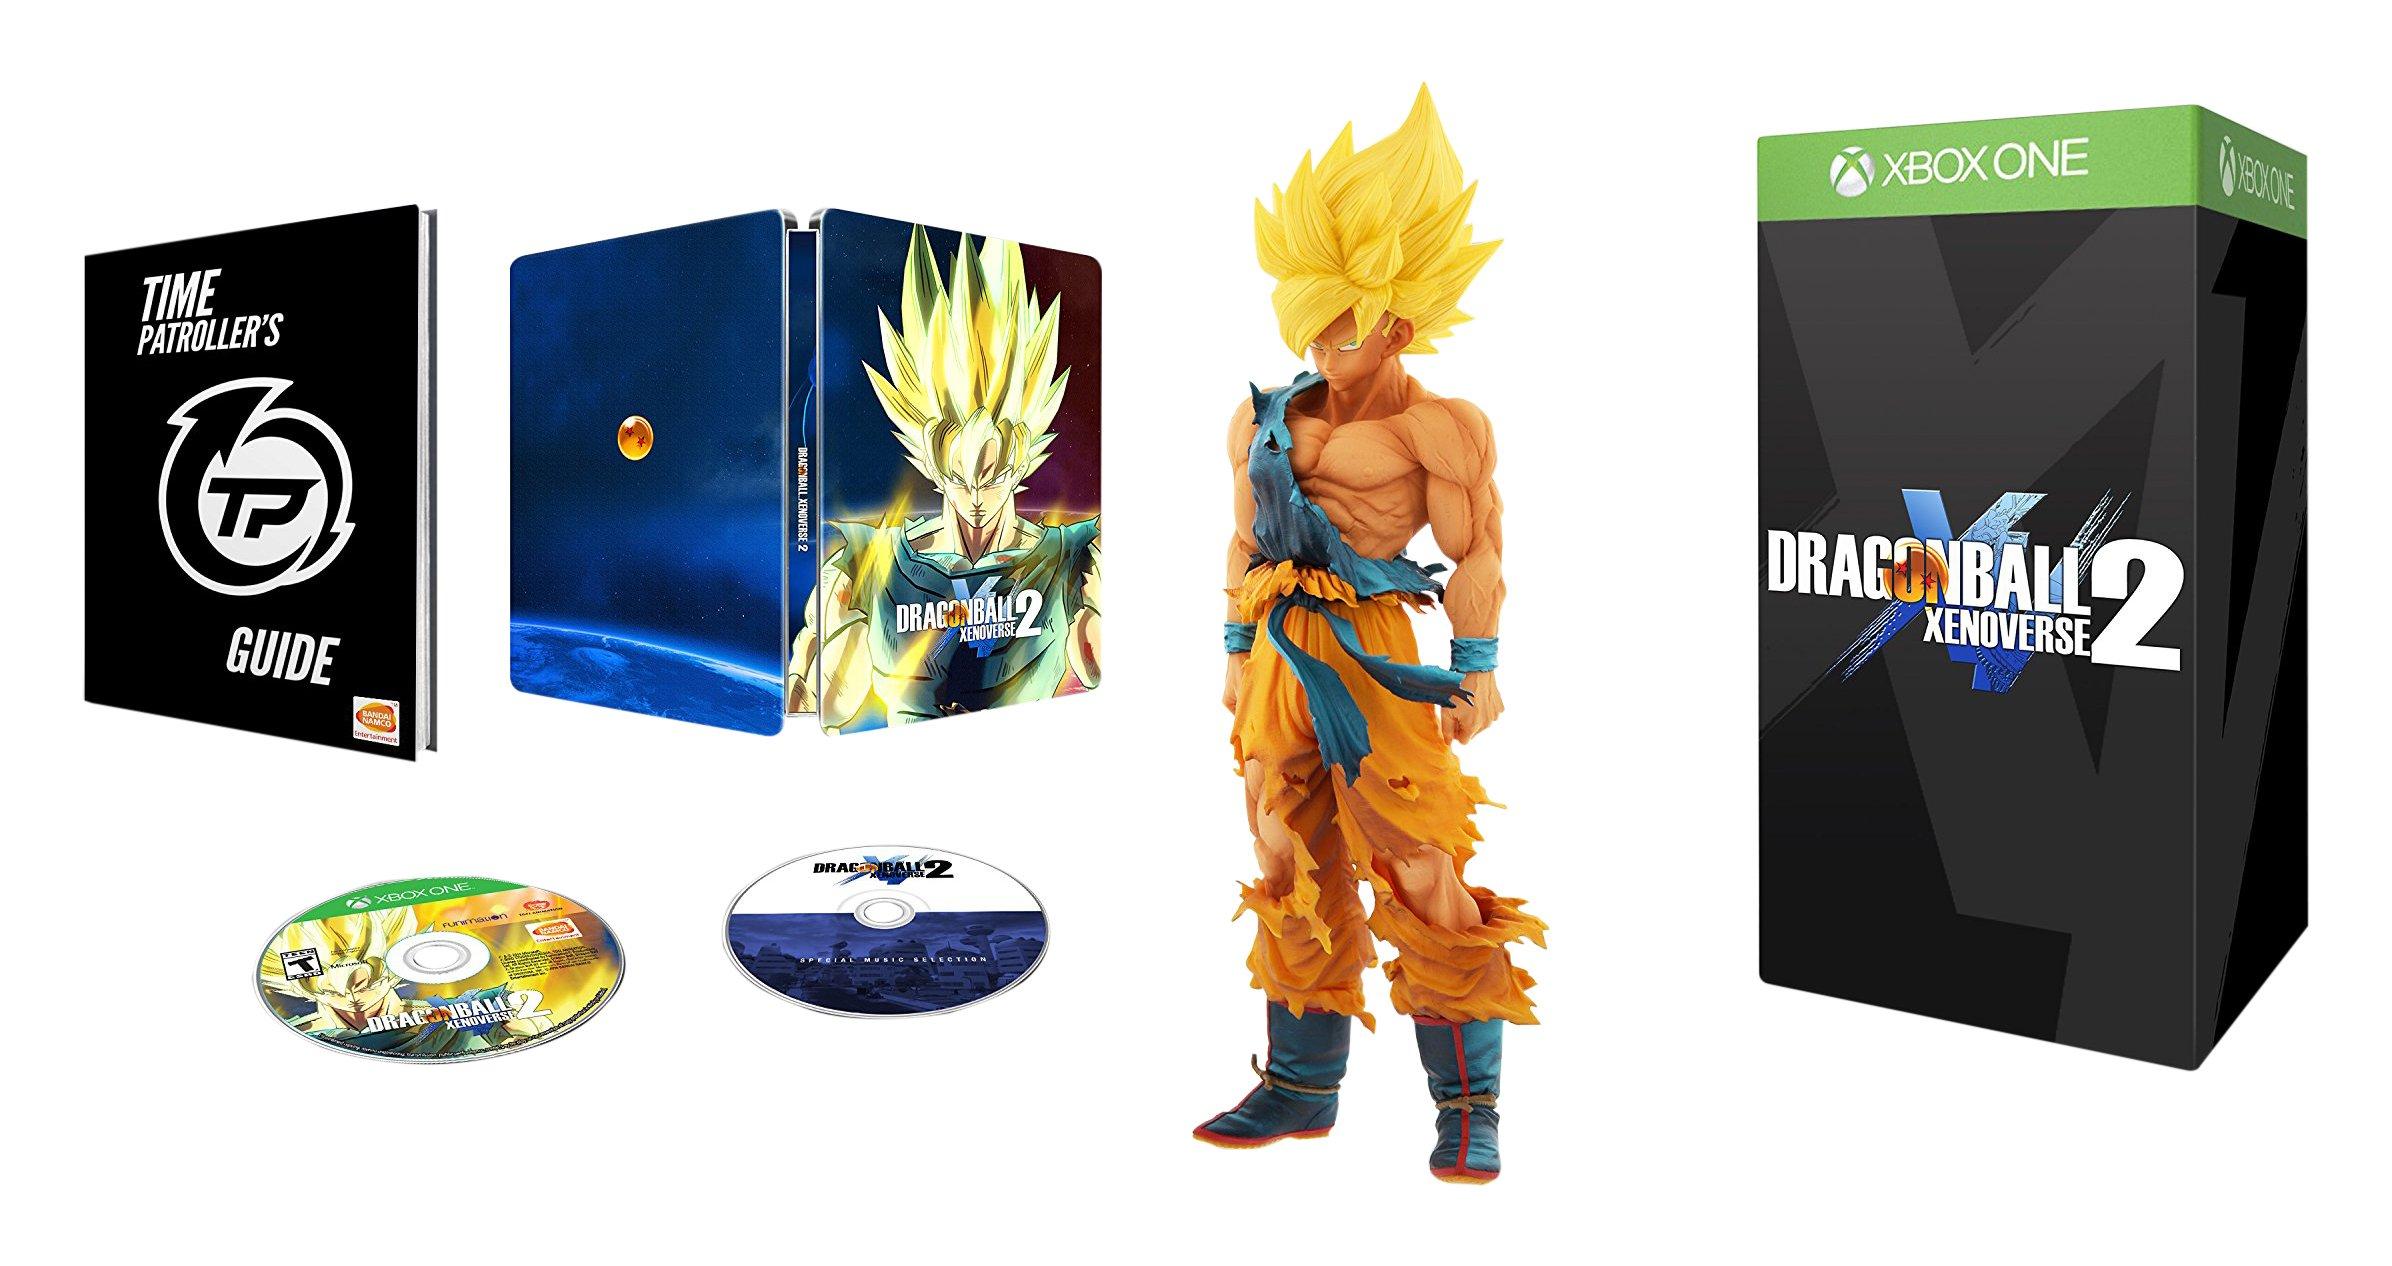 Dragon Ball Xenoverse 2 - Xbox One Collector's Edition